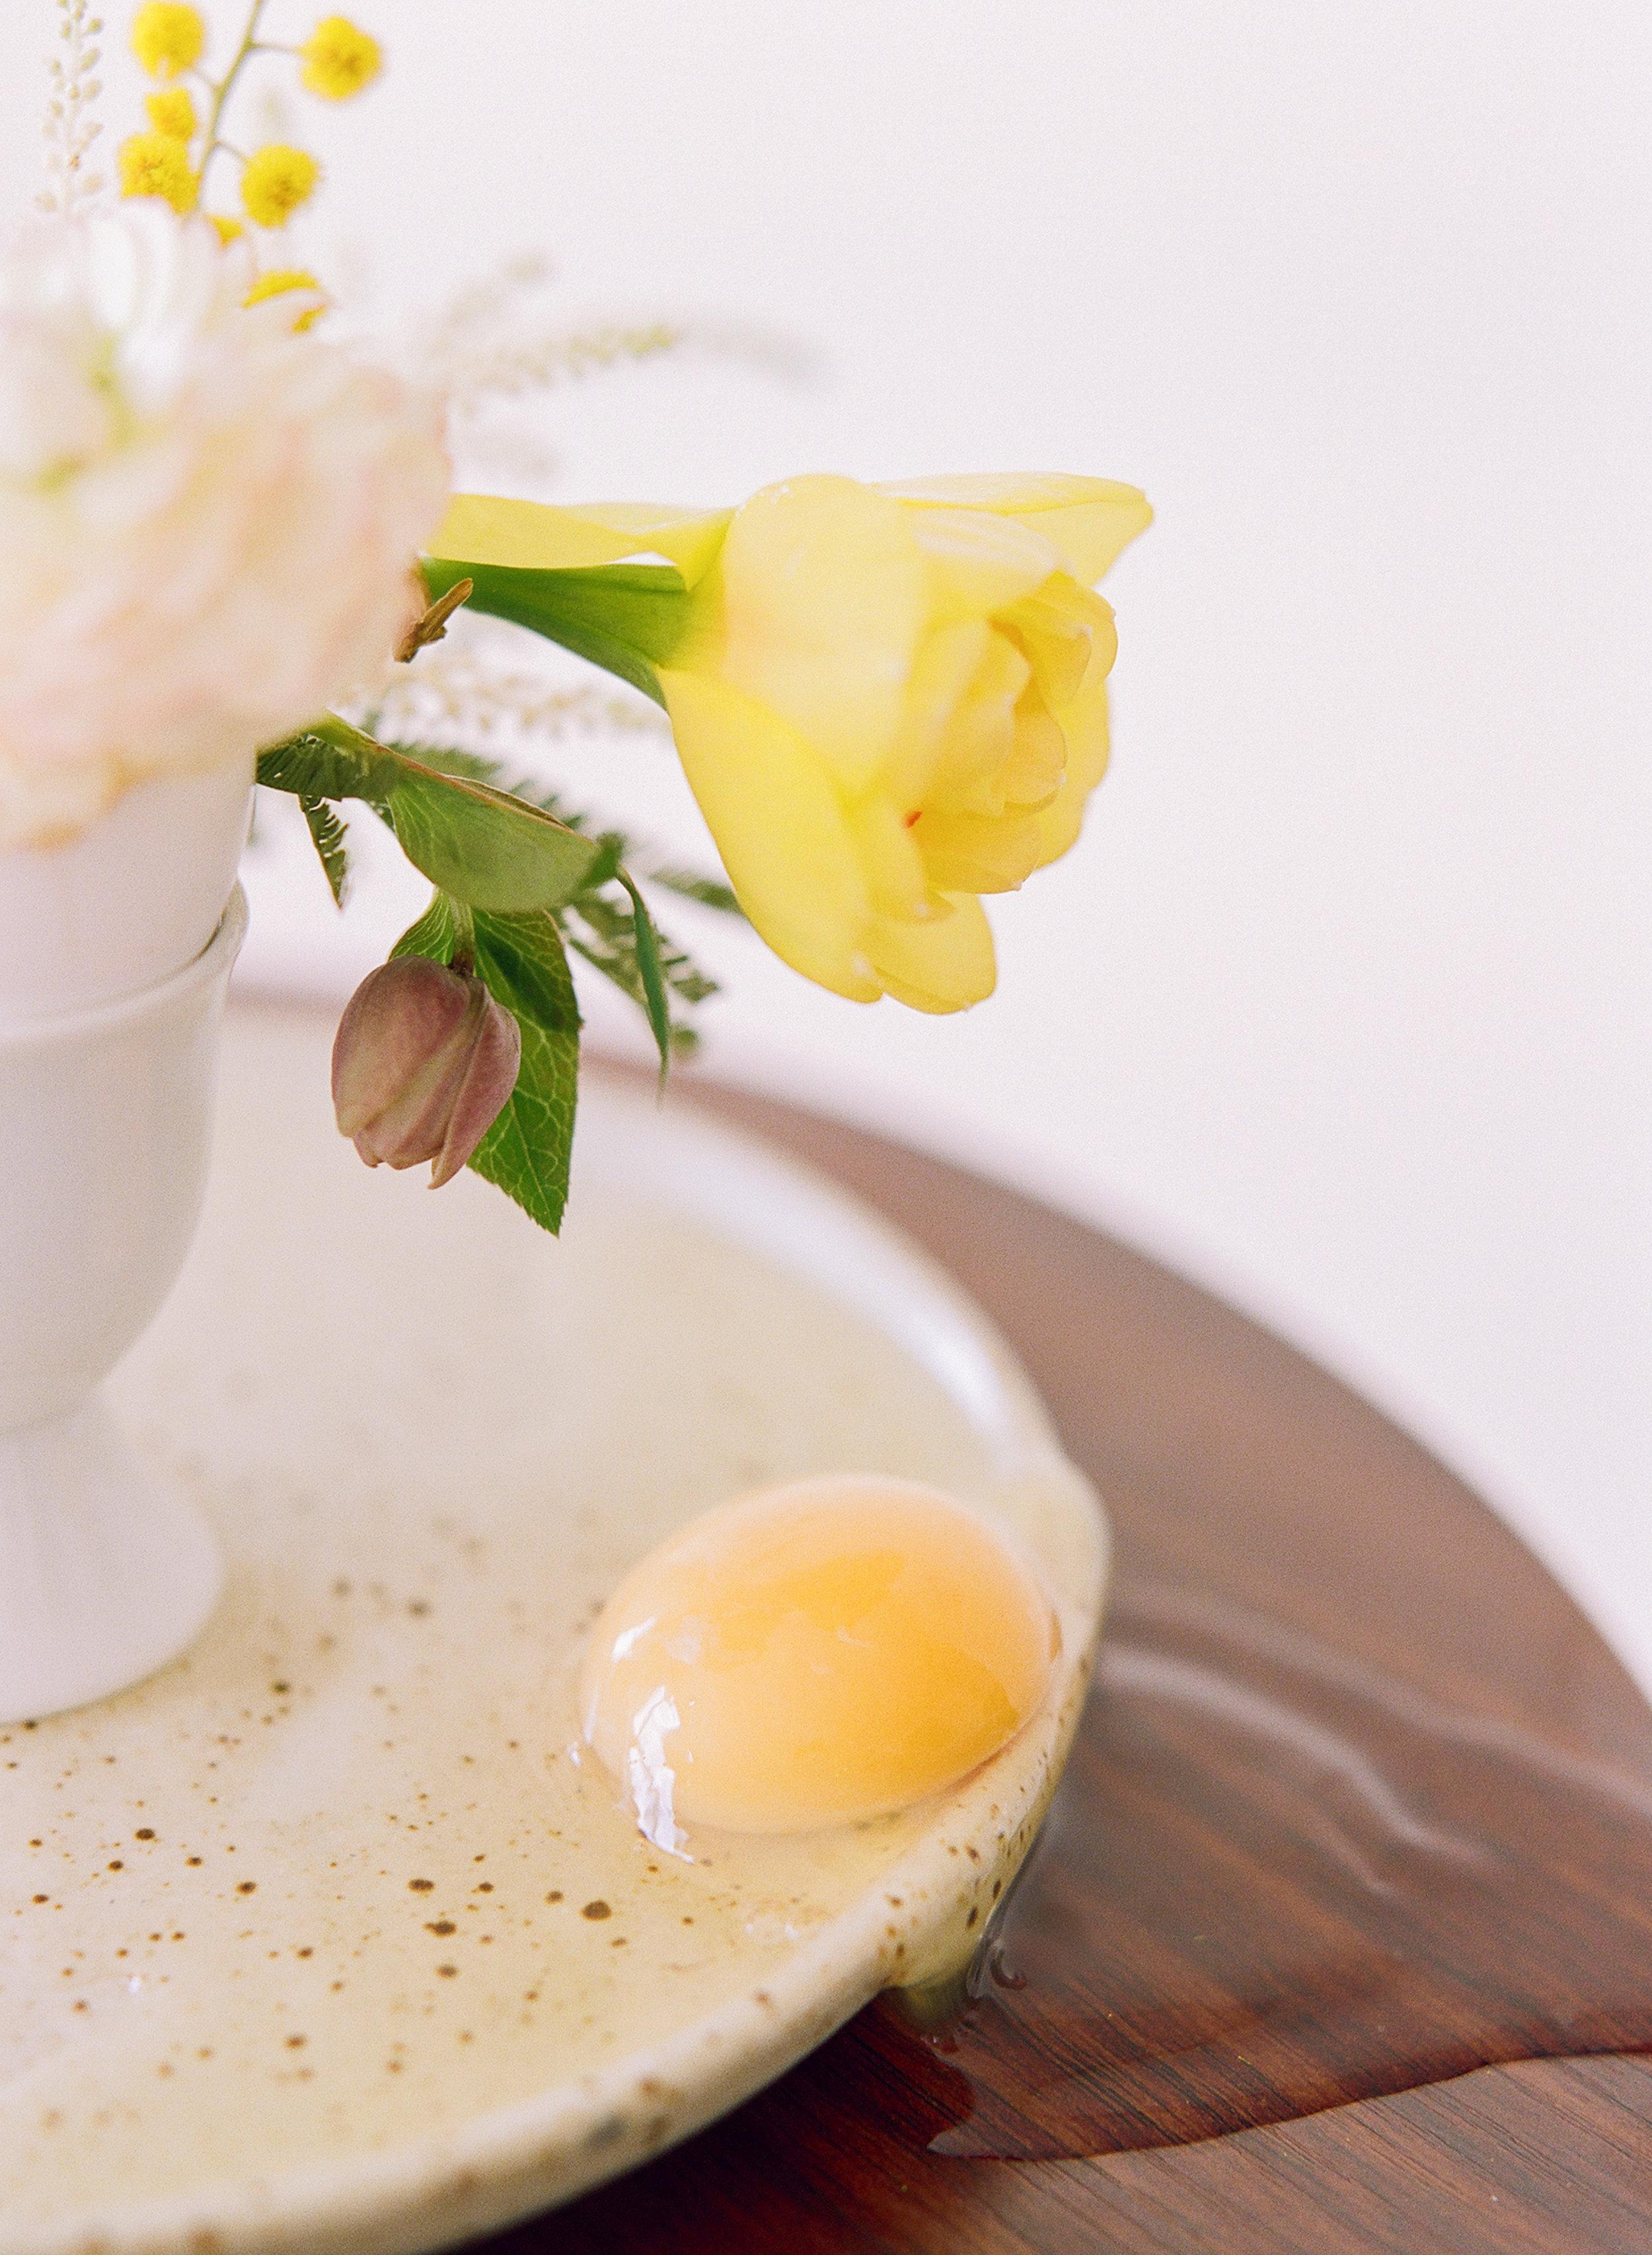 012_FriedEggs&Flowers.jpg